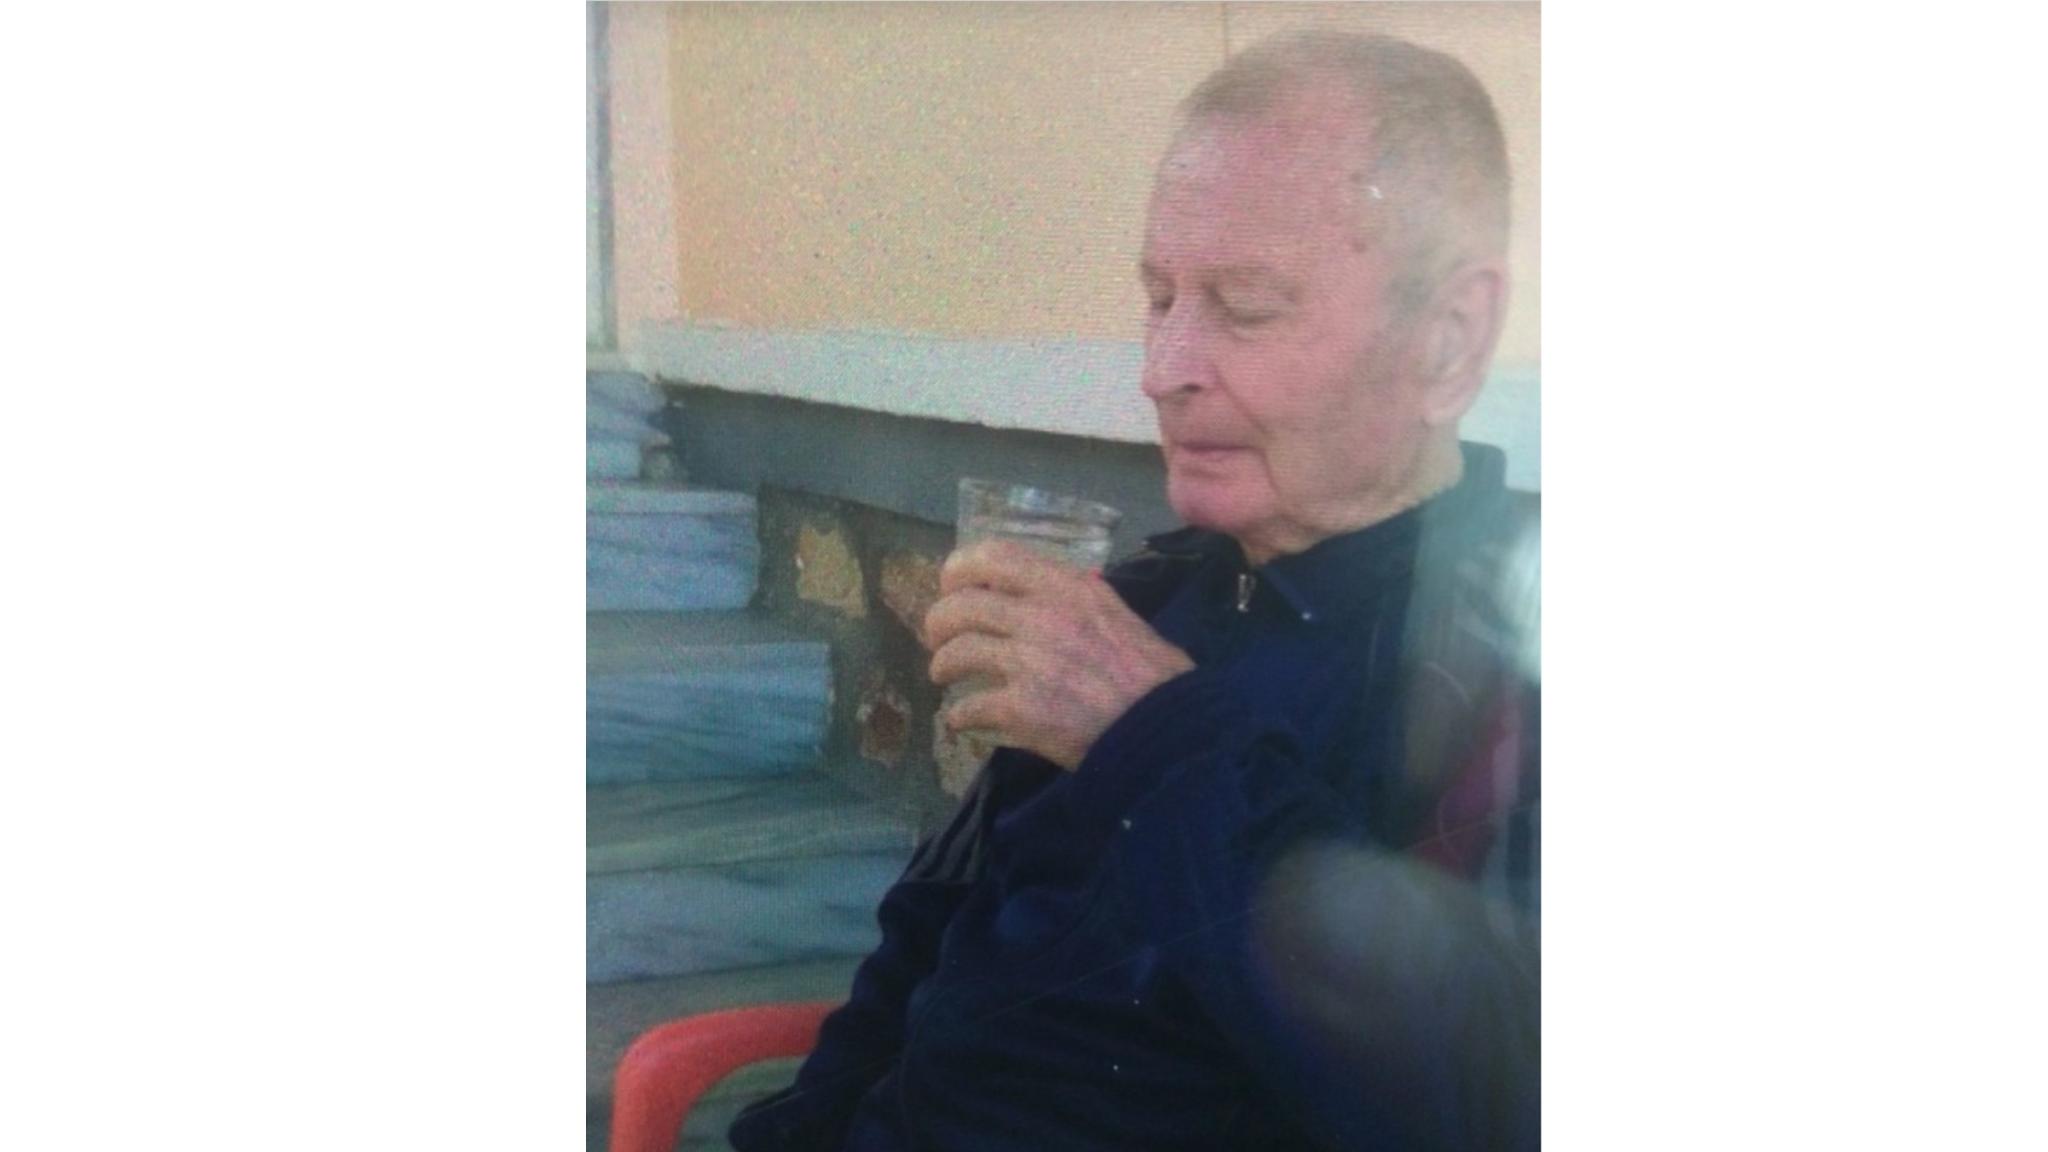 Ξάνθη: Συνεχίζονται οι έρευνες για τον αγνοούμενο ηλικιωμένο στη Μάνδρα